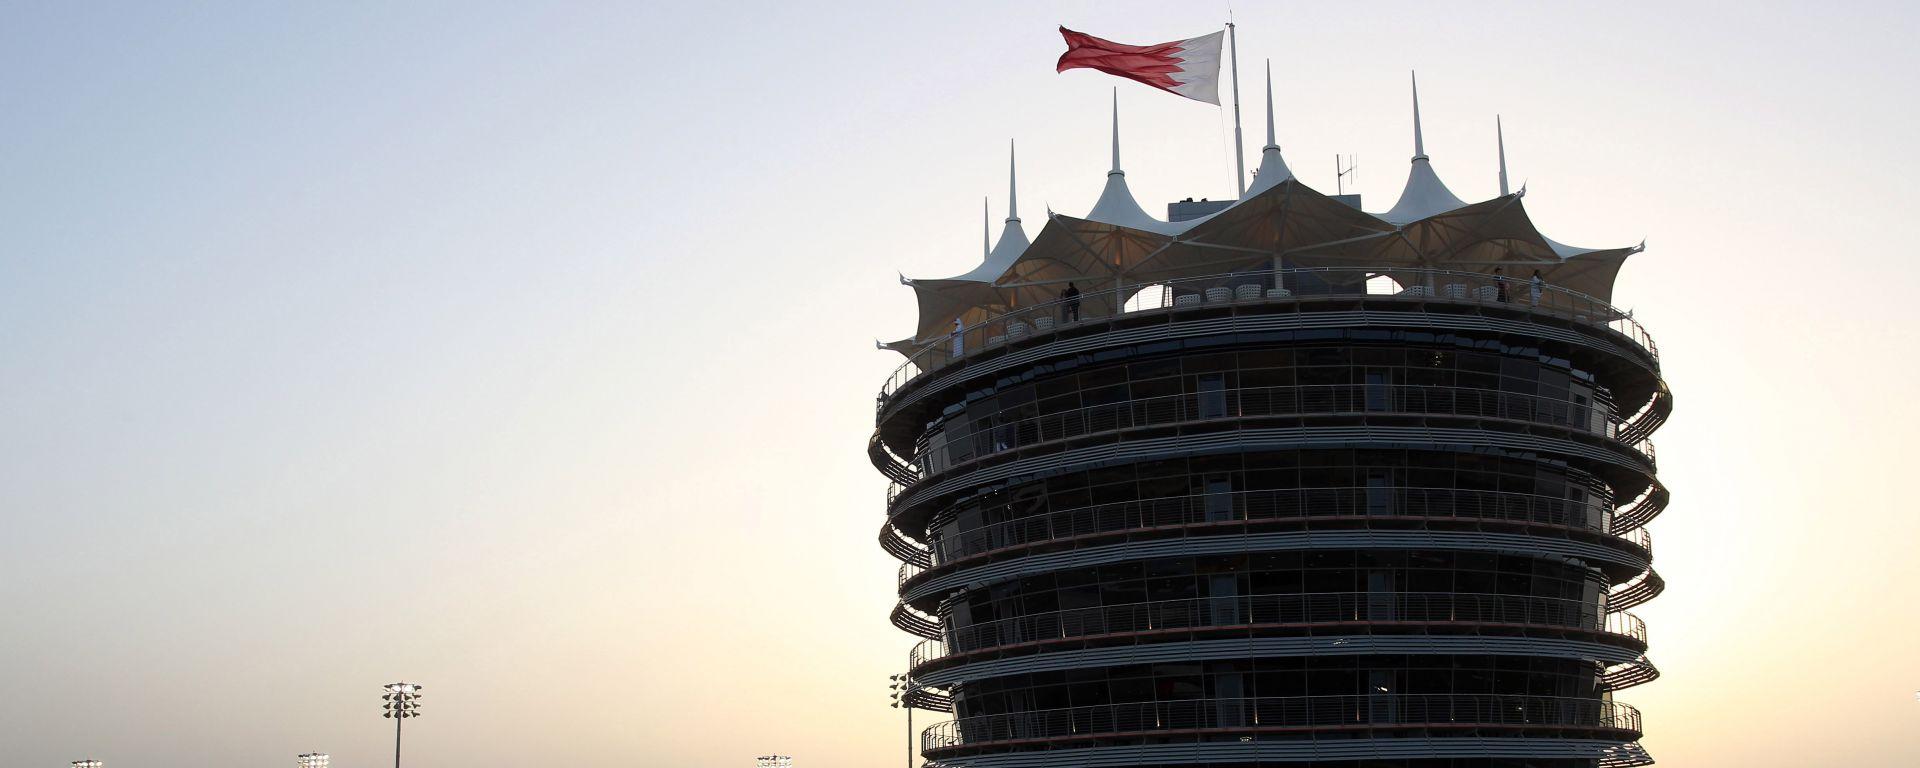 F1 GP Bahrain 2019: orari, meteo, risultati prove, qualifiche e gara